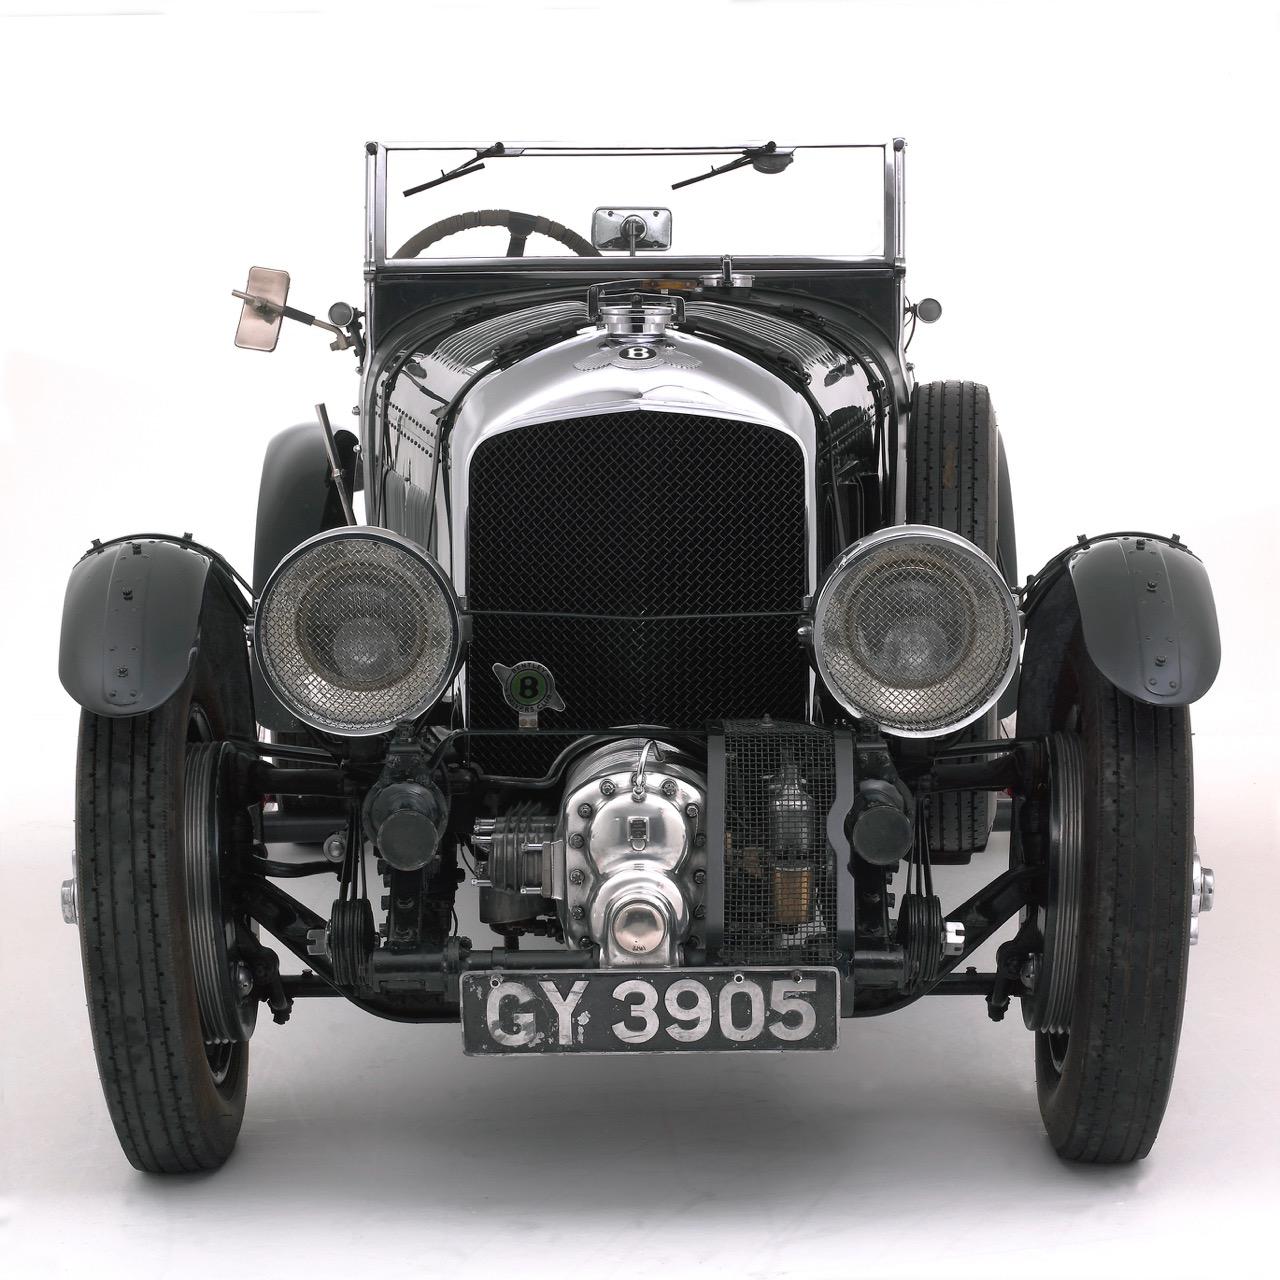 Supercharged 1930 Bentley 4 1/2 liter